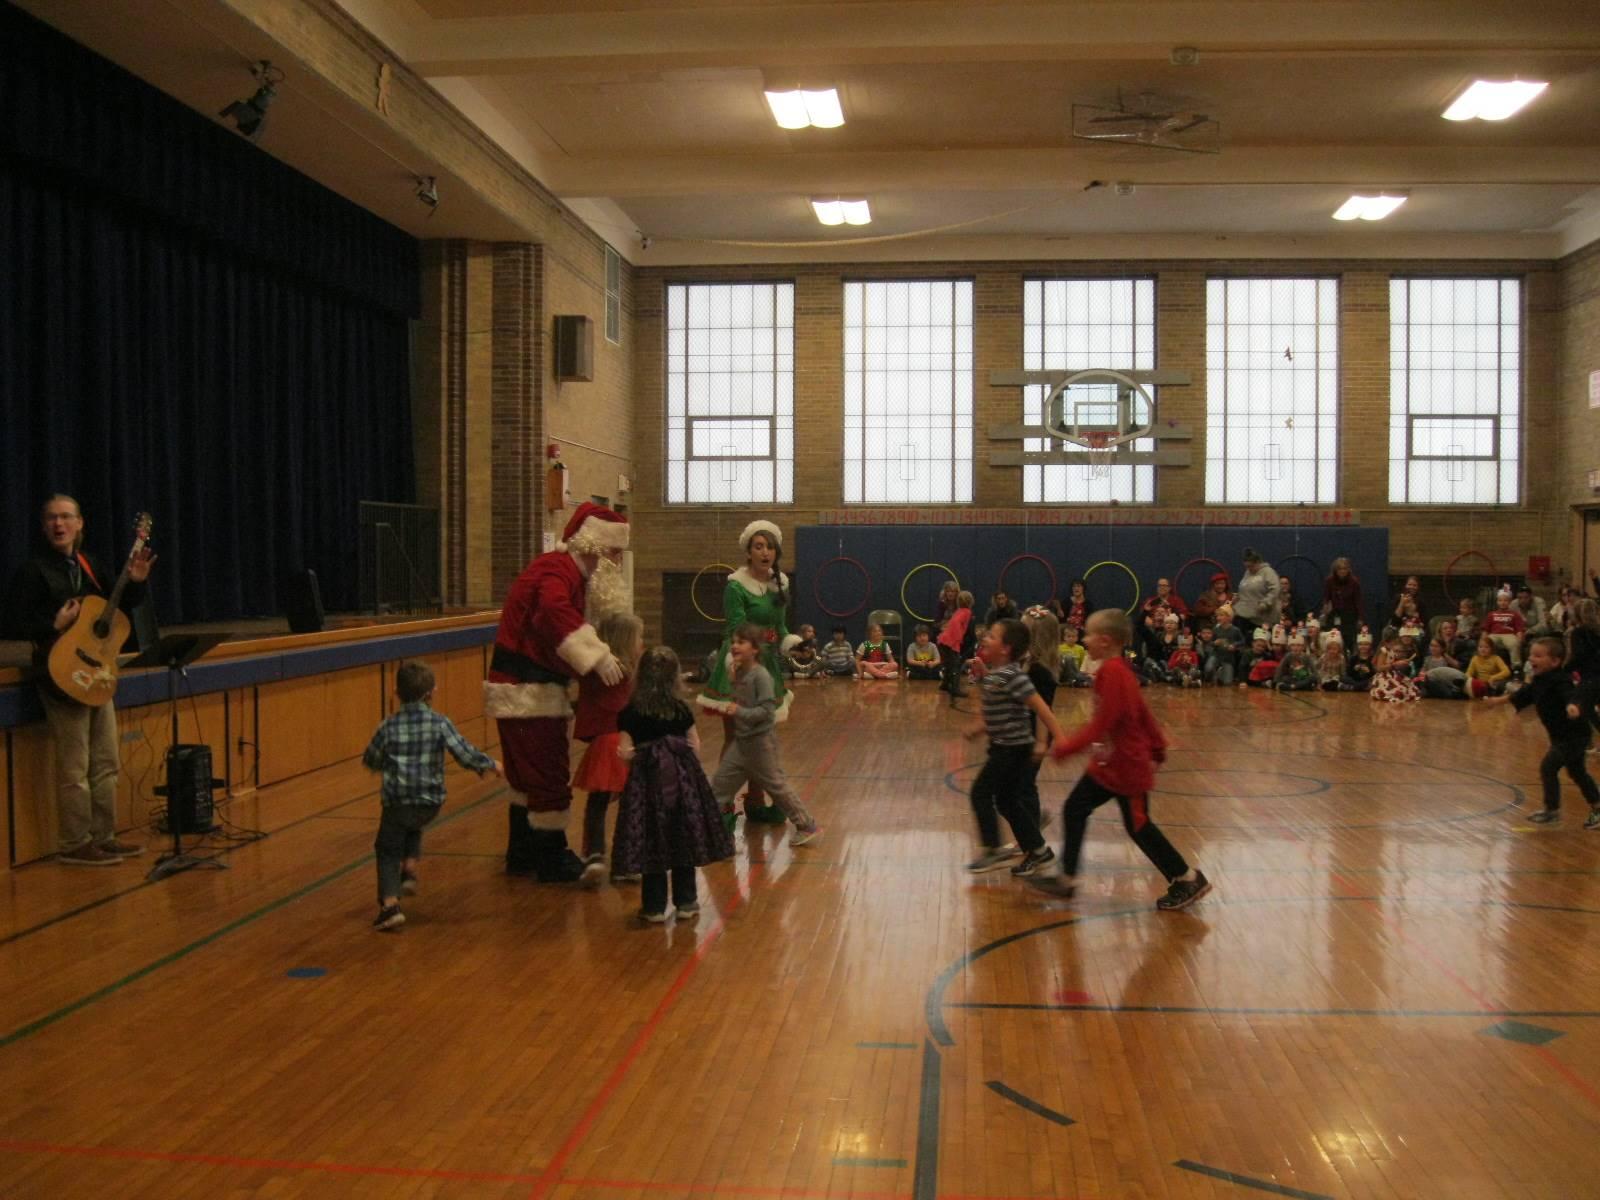 Kids run to greet Santa.